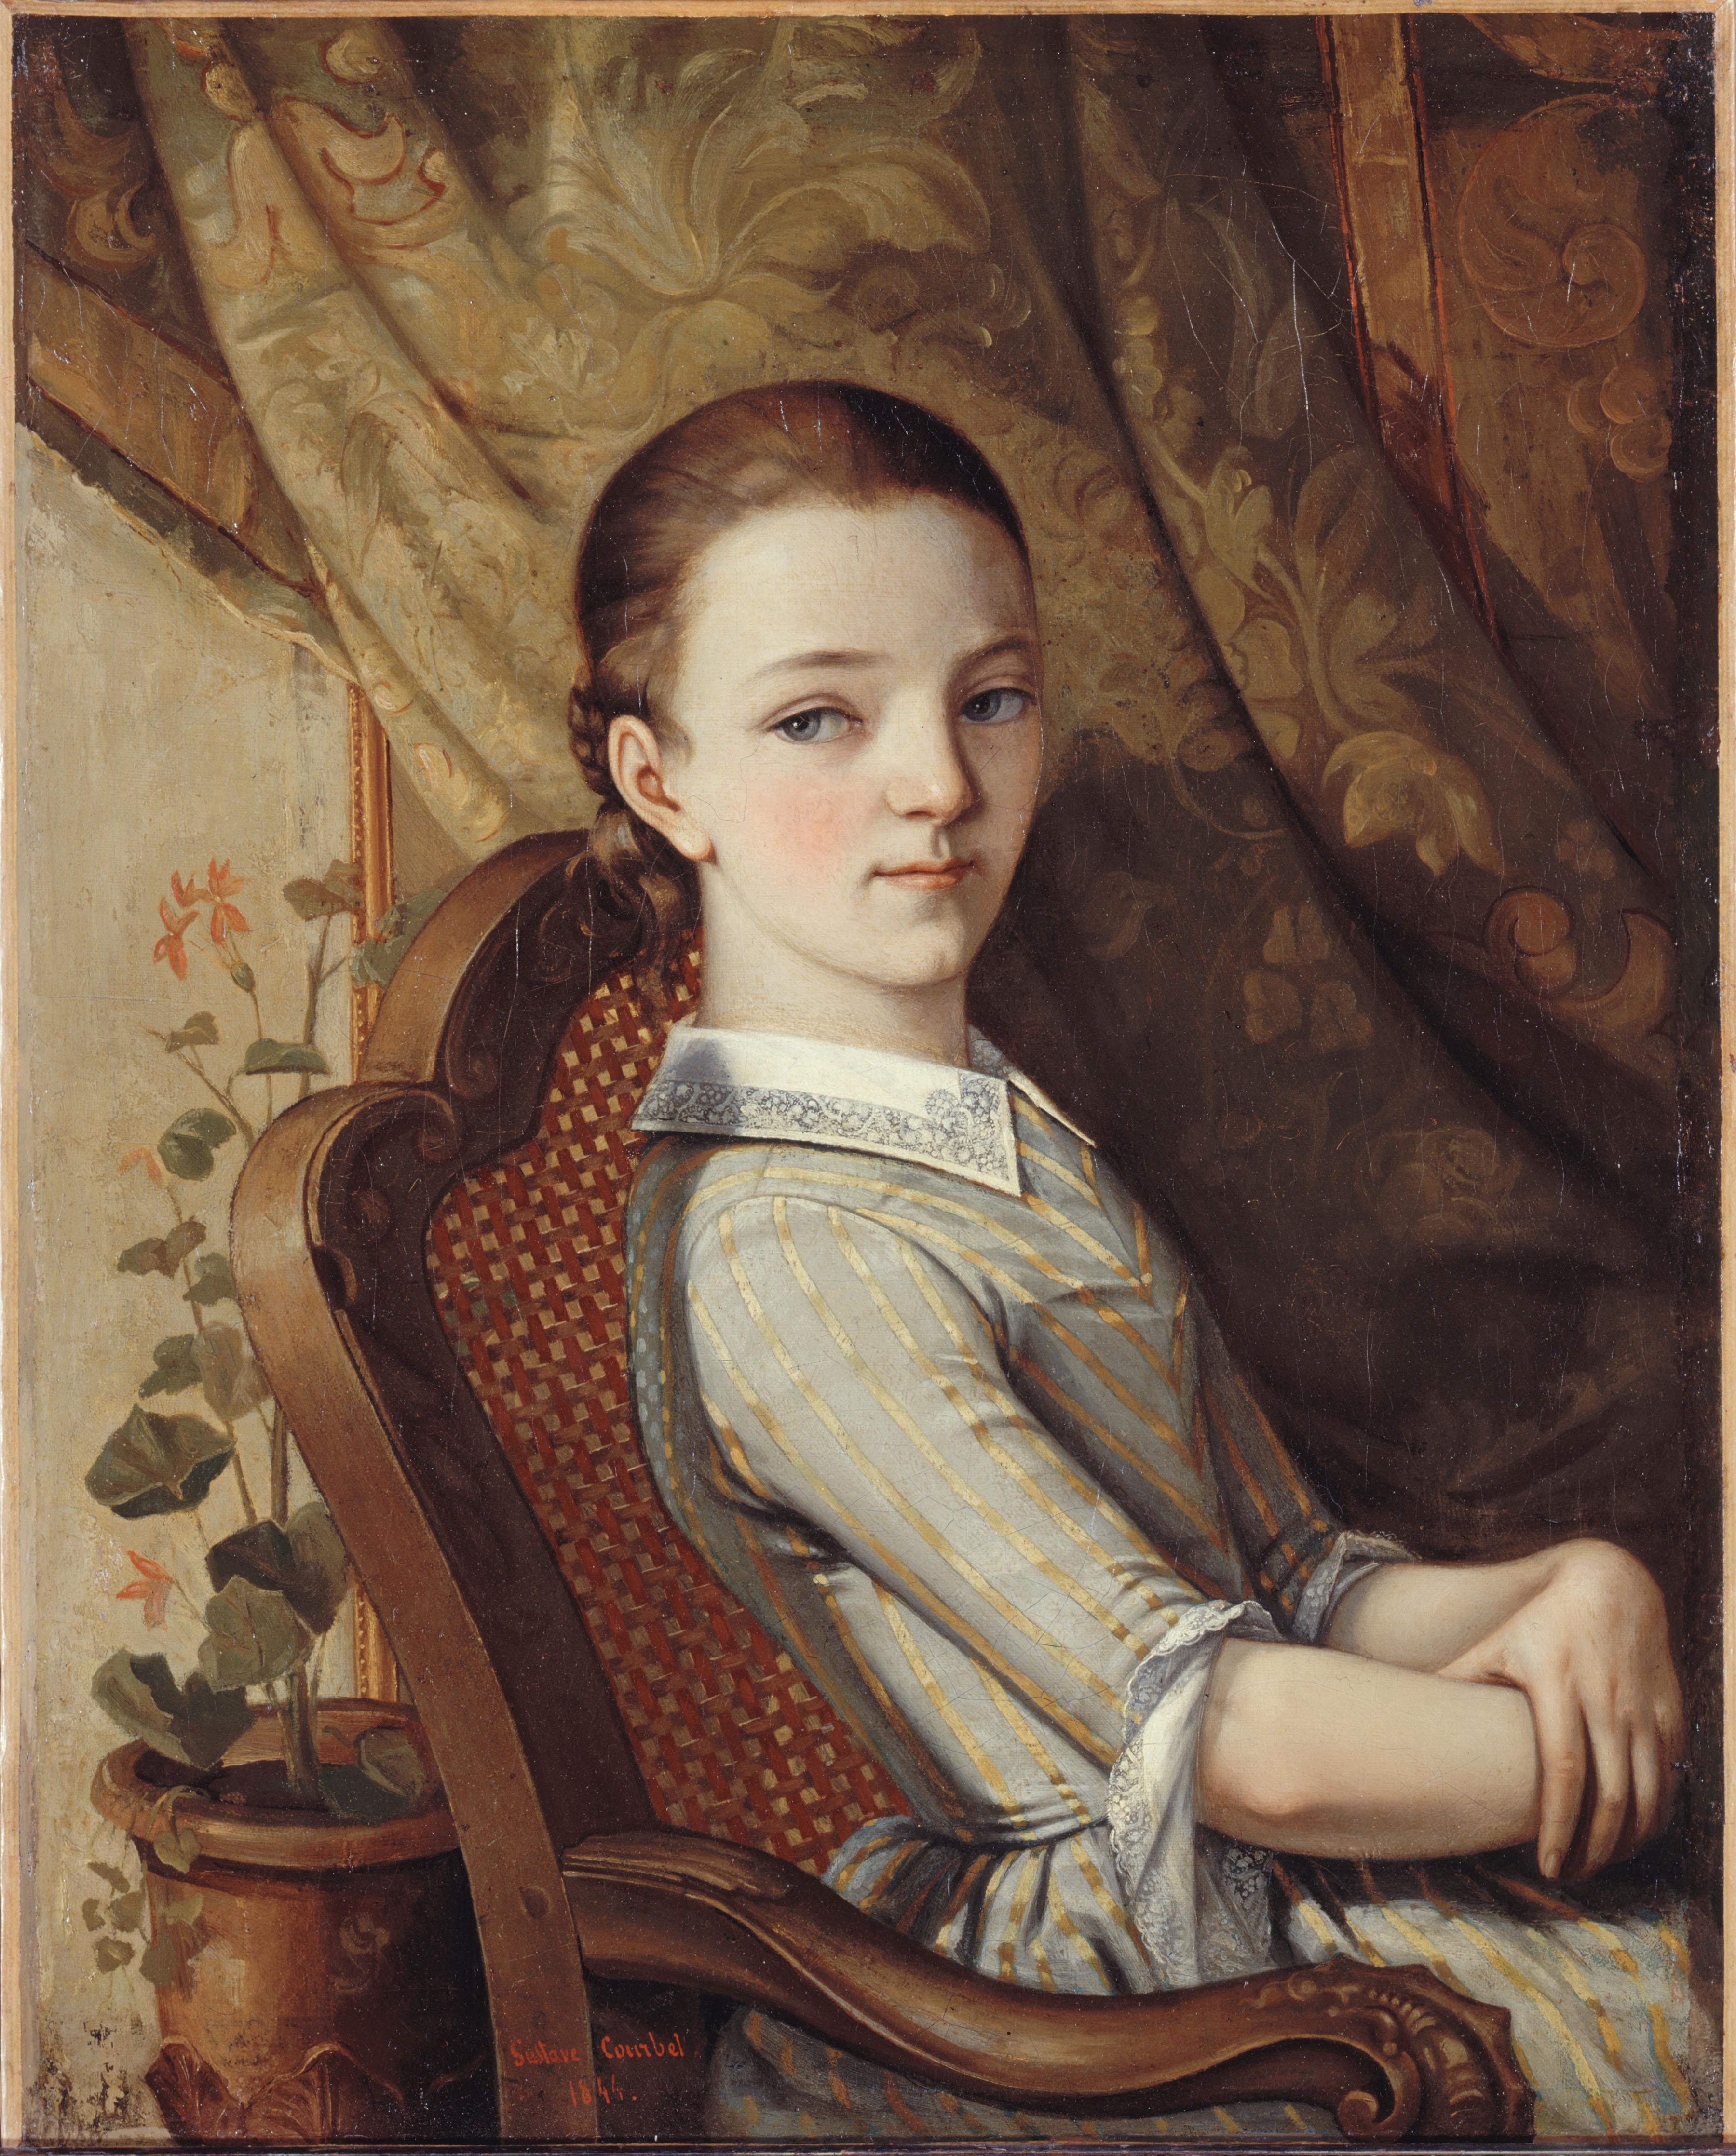 Gustave courbet : Portrait de Juliette Courbet